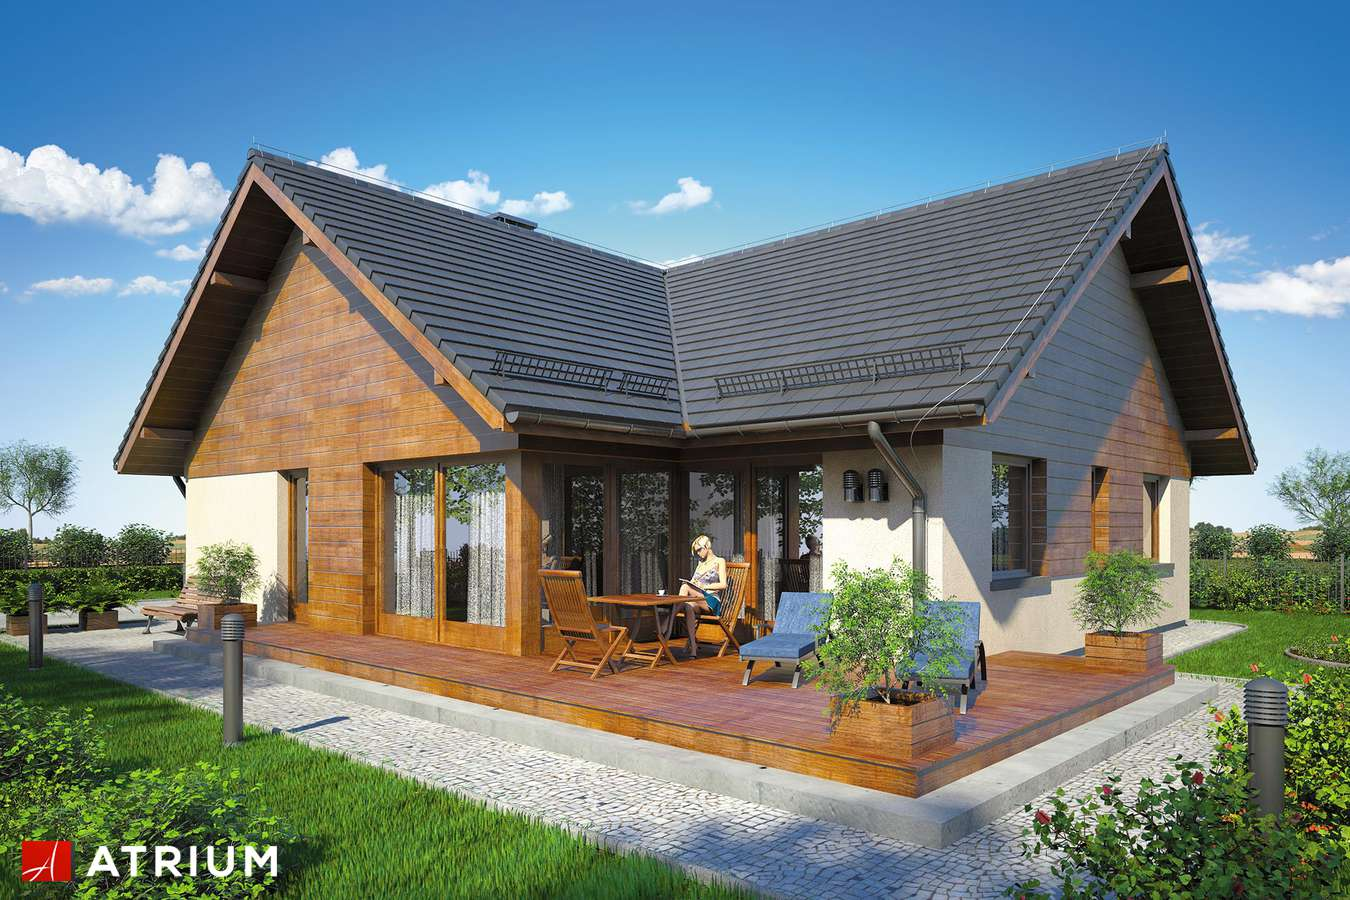 Projekty domów - Projekt domu parterowego WINSTON IX - wizualizacja 2 - wersja lustrzana